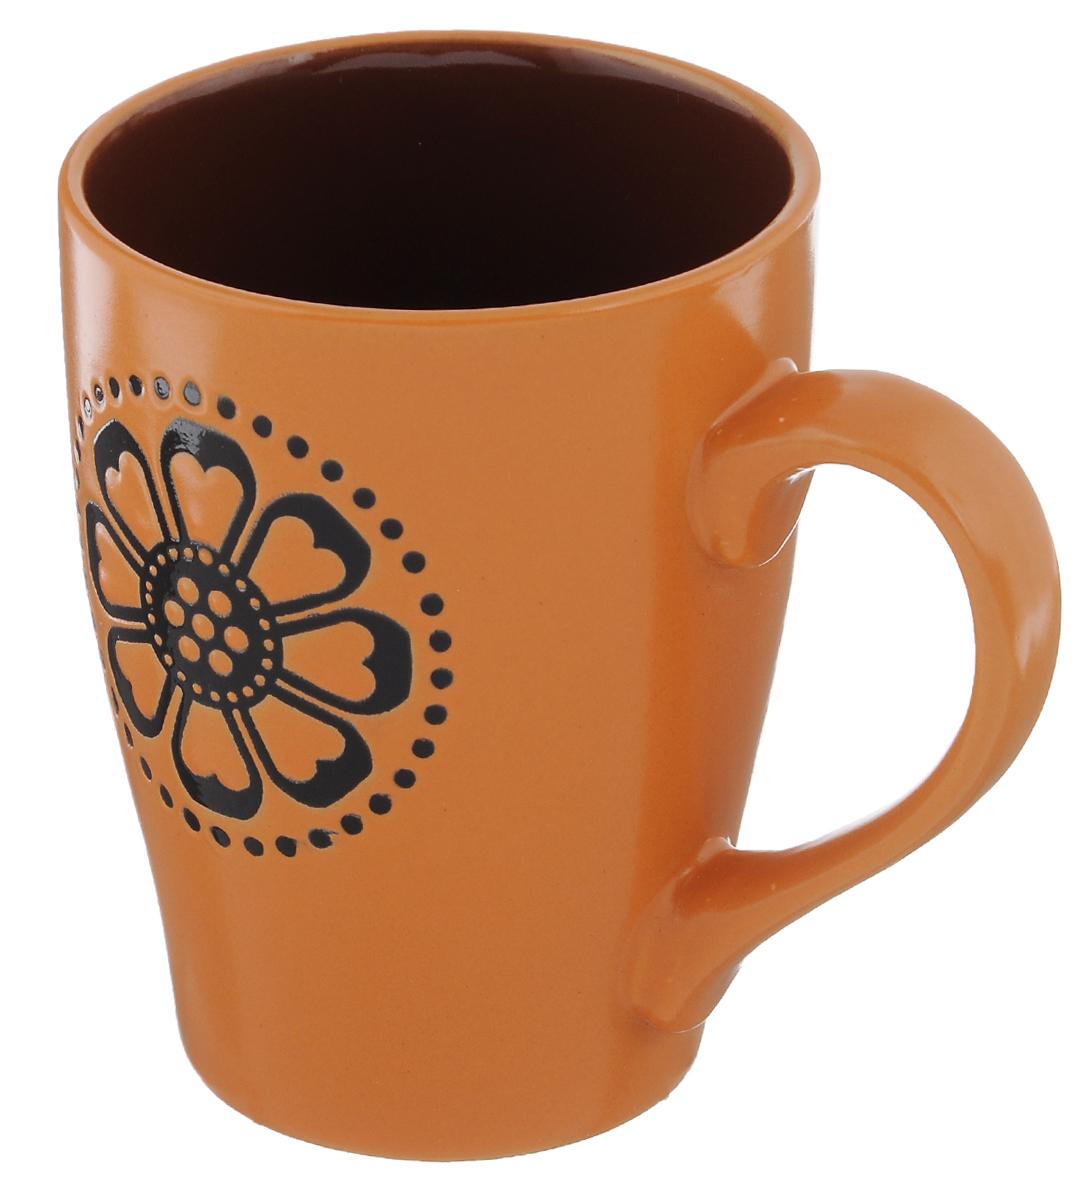 Кружка Wing Star Шафран, цвет: оранжевый, коричневый, 350 млLJ10-0872M_оранжевый, коричневыйКружка Wing Star Шафран покорит вас своей красотой и качеством исполнения. Изделие выполнено из высококачественной керамики - обожженной, глазурованной снаружи и изнутри глины с оригинальным рисунком. При изготовлении использовался рельефный способ нанесения декора, когда рельефная поверхность подготавливается в процессе формовки, и изделие обрабатывается с уже готовым декором. Благодаря этому достигается эффект неровного на ощупь рисунка, как бы утопленного внутрь глазури и являющегося его естественным элементом. Такая кружка прекрасно подойдет для горячих и холодных напитков. Она дополнит коллекцию вашей кухонной посуды и будет служить долгие годы. Можно использовать в посудомоечной машине и СВЧ. Объем кружки: 350 мл. Диаметр кружки (по верхнему краю): 8,5 см. Высота стенки кружки: 11,5 см.